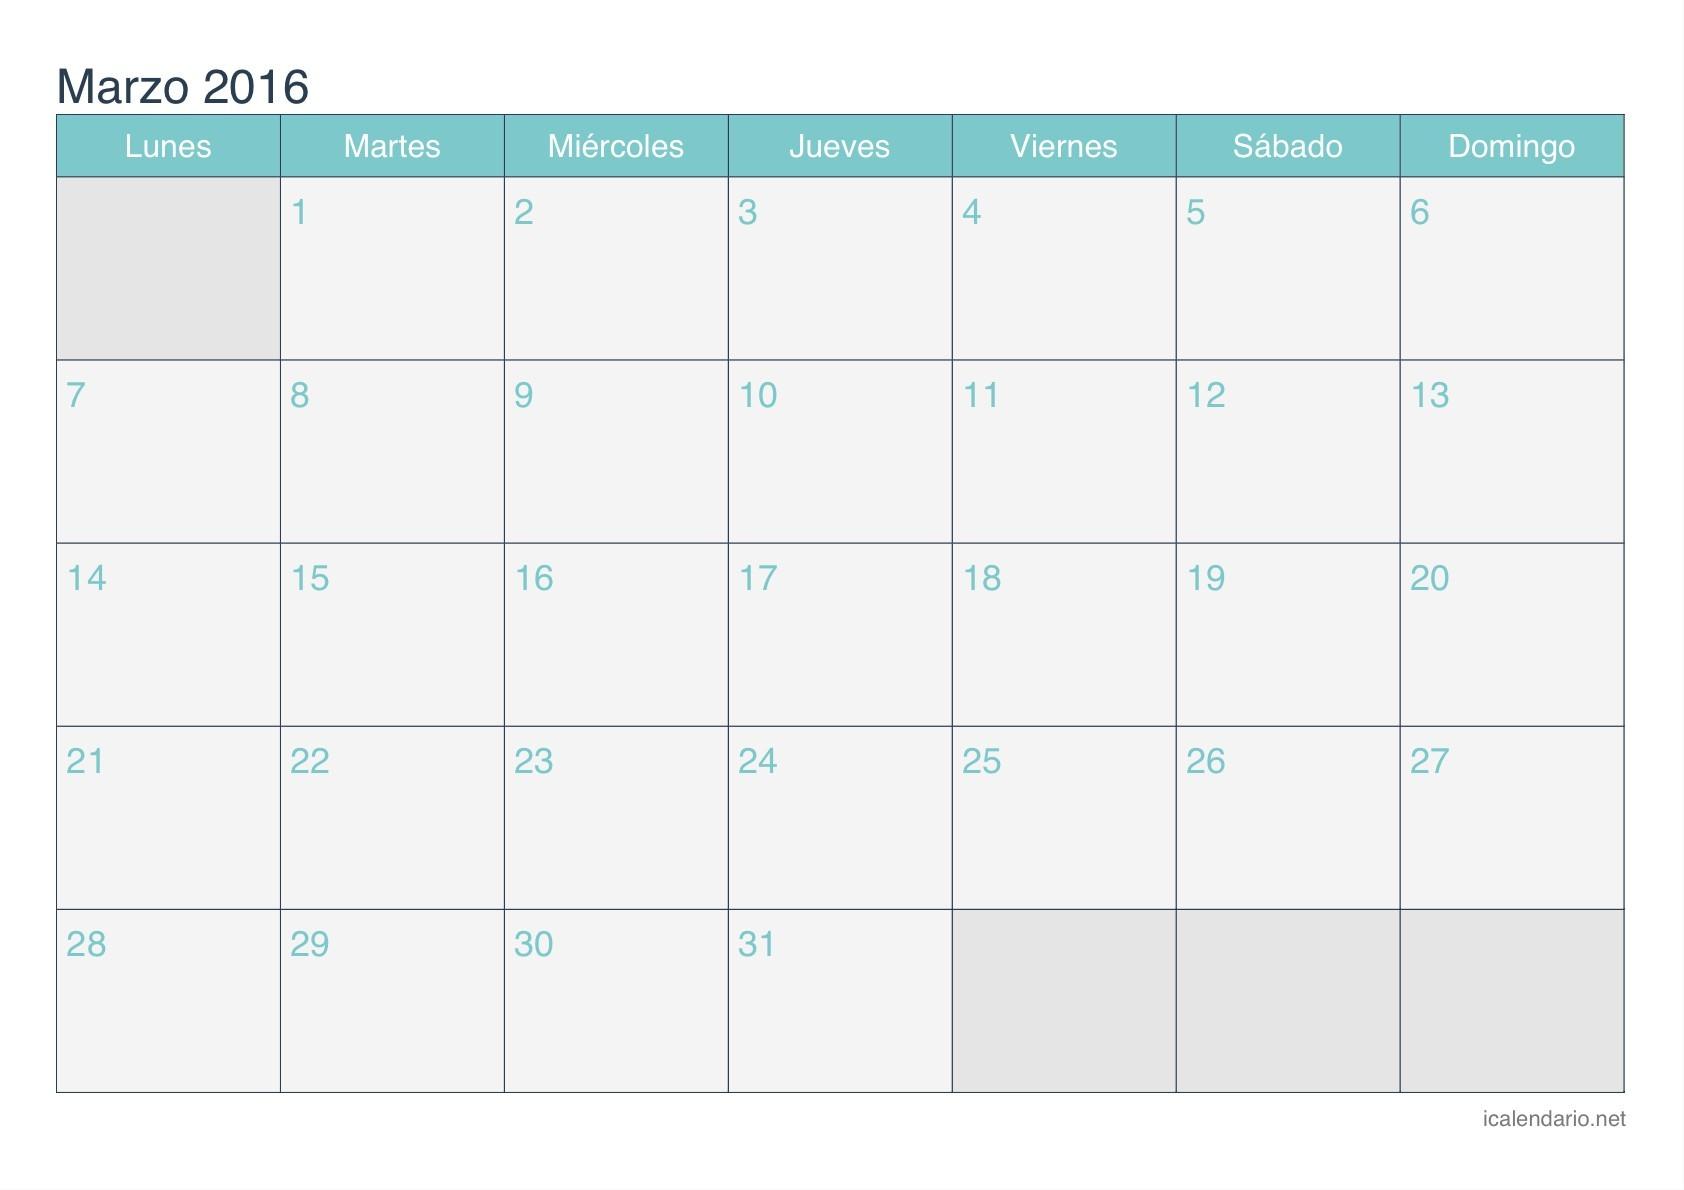 Calendario Luna Nueva Febrero 2018 Más Actual Evaluar Calendario 2017 Imprimir Infantil Of Calendario Luna Nueva Febrero 2018 Mejores Y Más Novedosos Es Calendarios Para Imprimir 2017 Noviembre